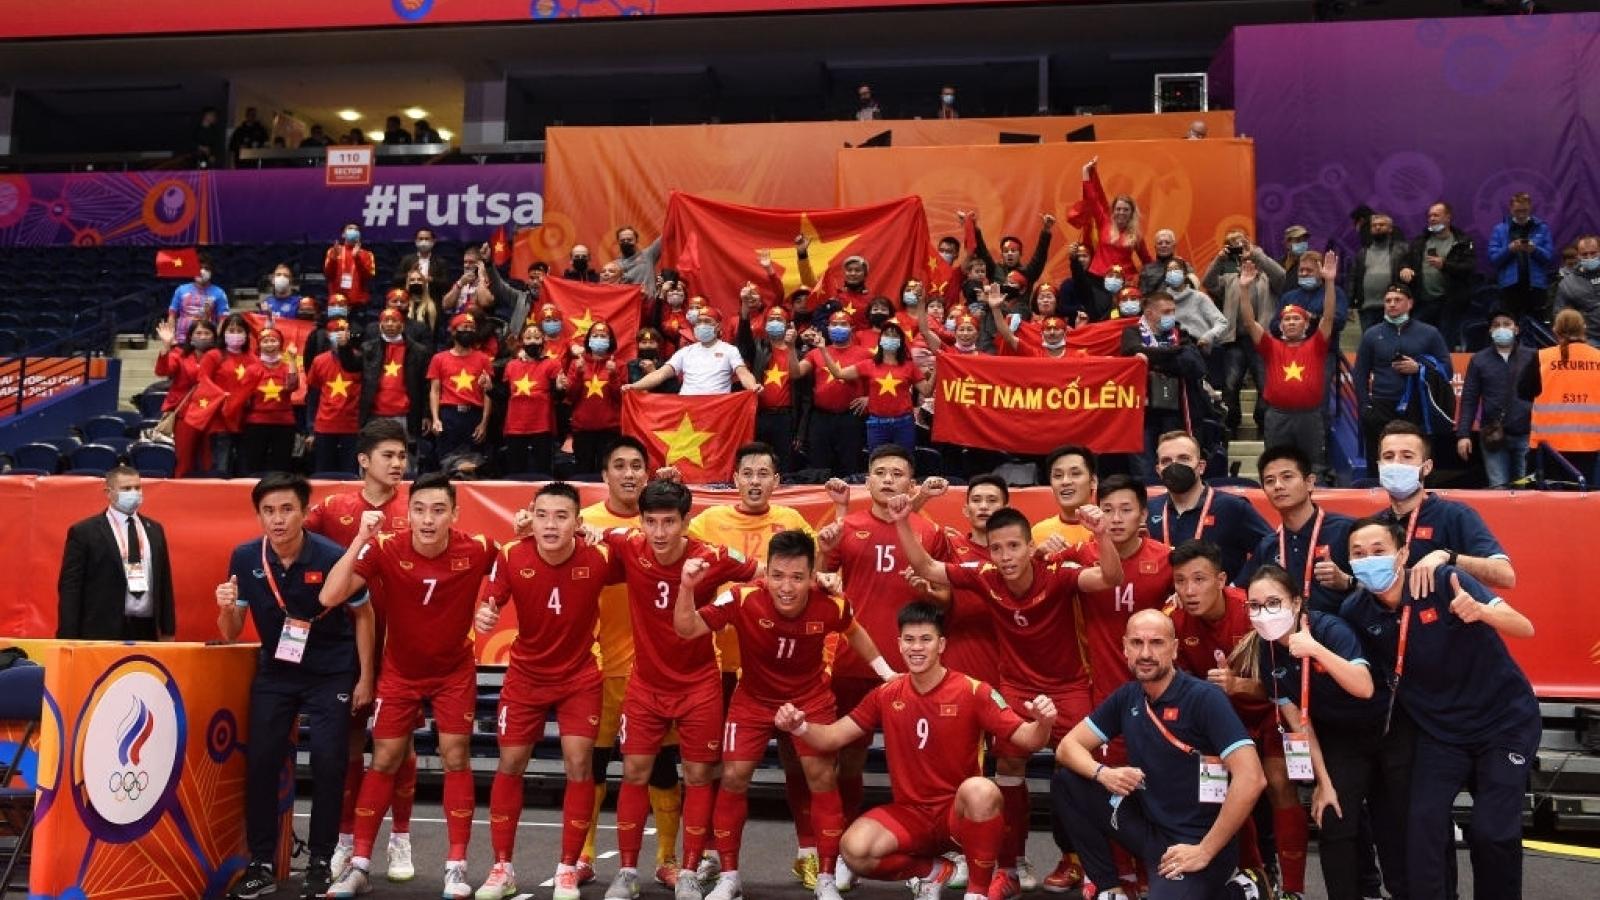 Toàn cảnh ĐT Futsal Việt Nam 2-3 ĐT Futsal Nga: Trận đấu quả cảm chia tay World Cup